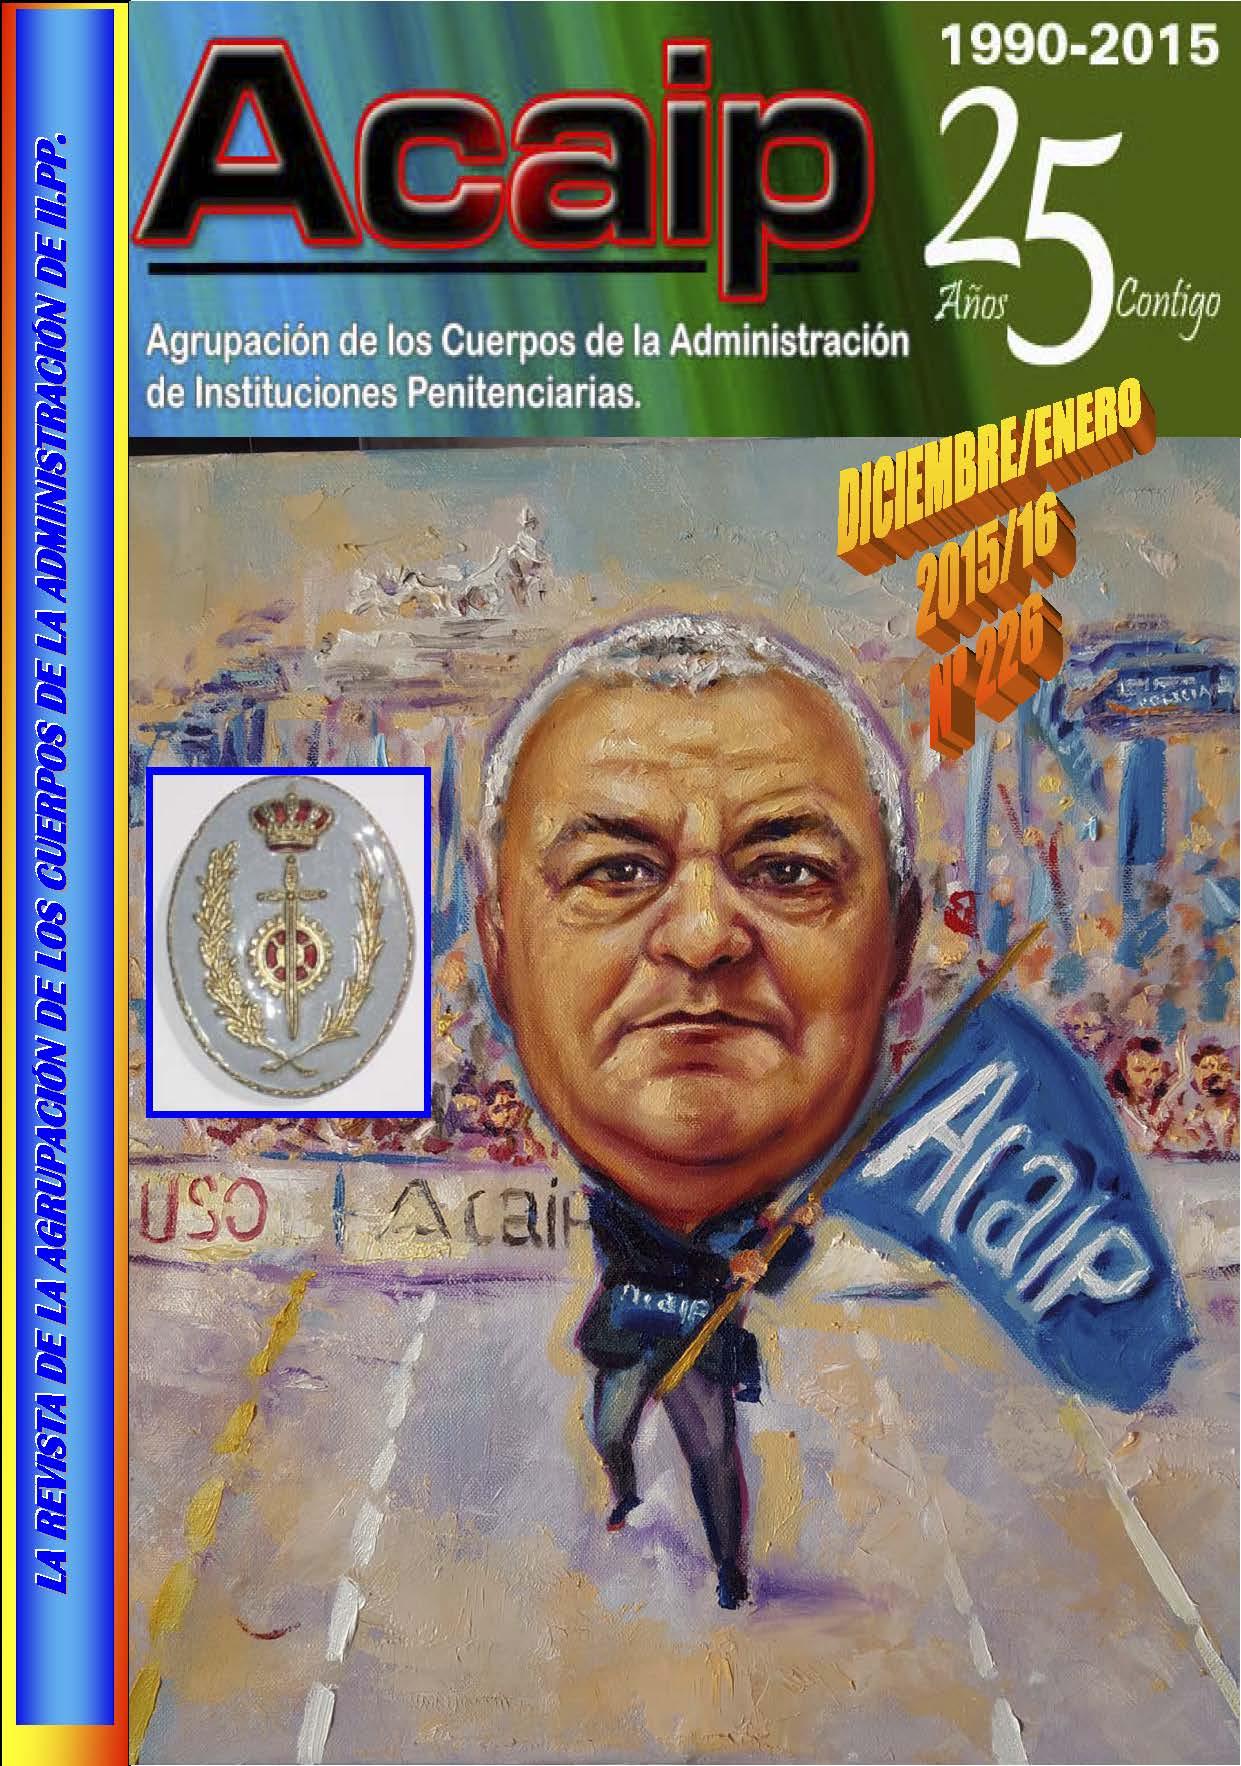 CONCENTRACIONES ACAIP CENTROS PENITENCIARIOS.